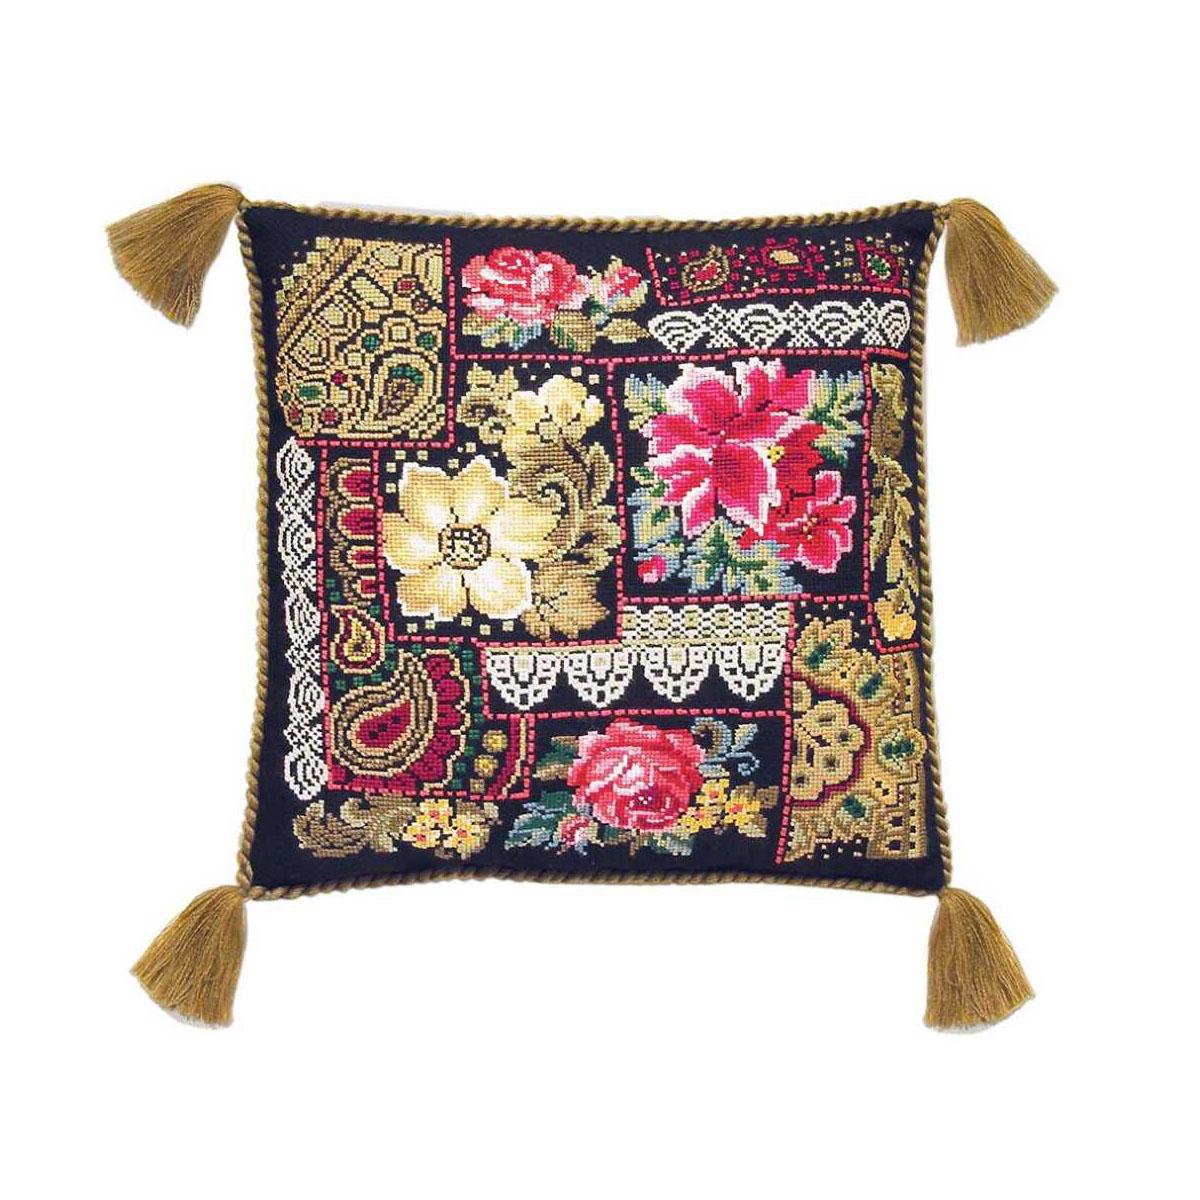 761 Набор для вышивания Riolis подушка 'Цветочная композиция', 40*40 см